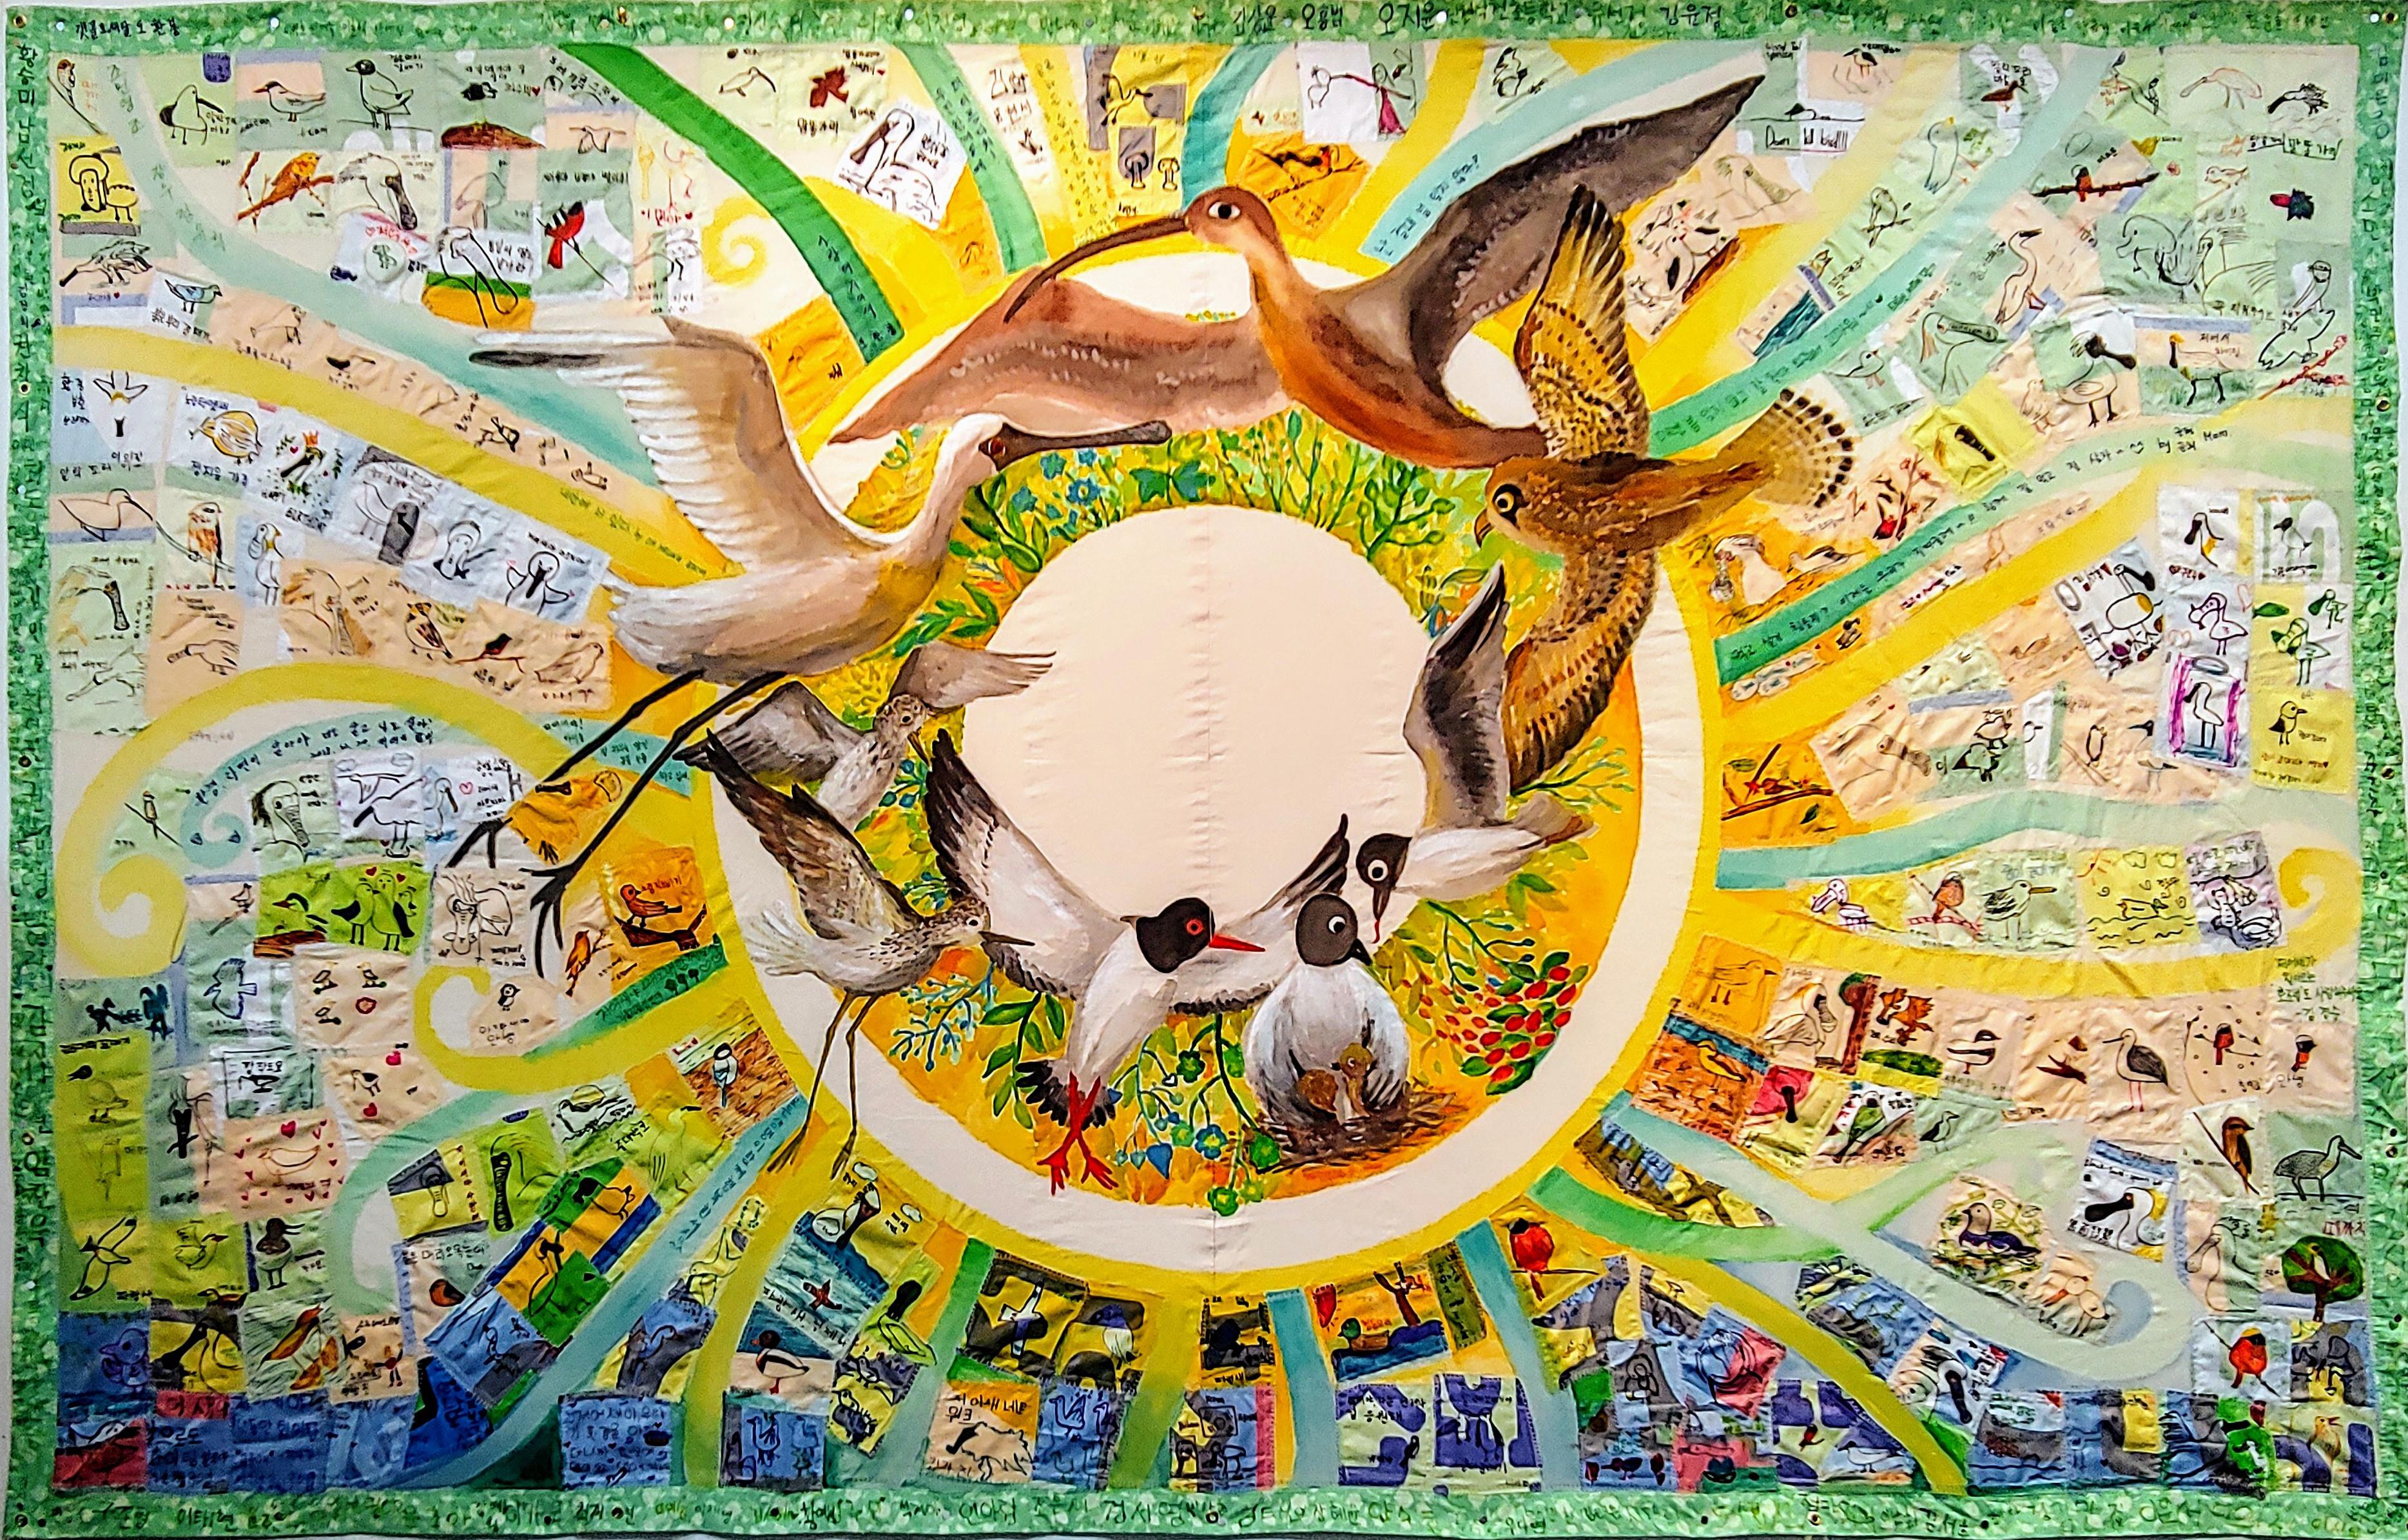 02 멸종위기 저어새와 친구들 만다라 310cm  × 190cm 성효숙,  400명 시민들 광목, 폐현수막, 아크릴물감, 유성매직, 미싱.jpg